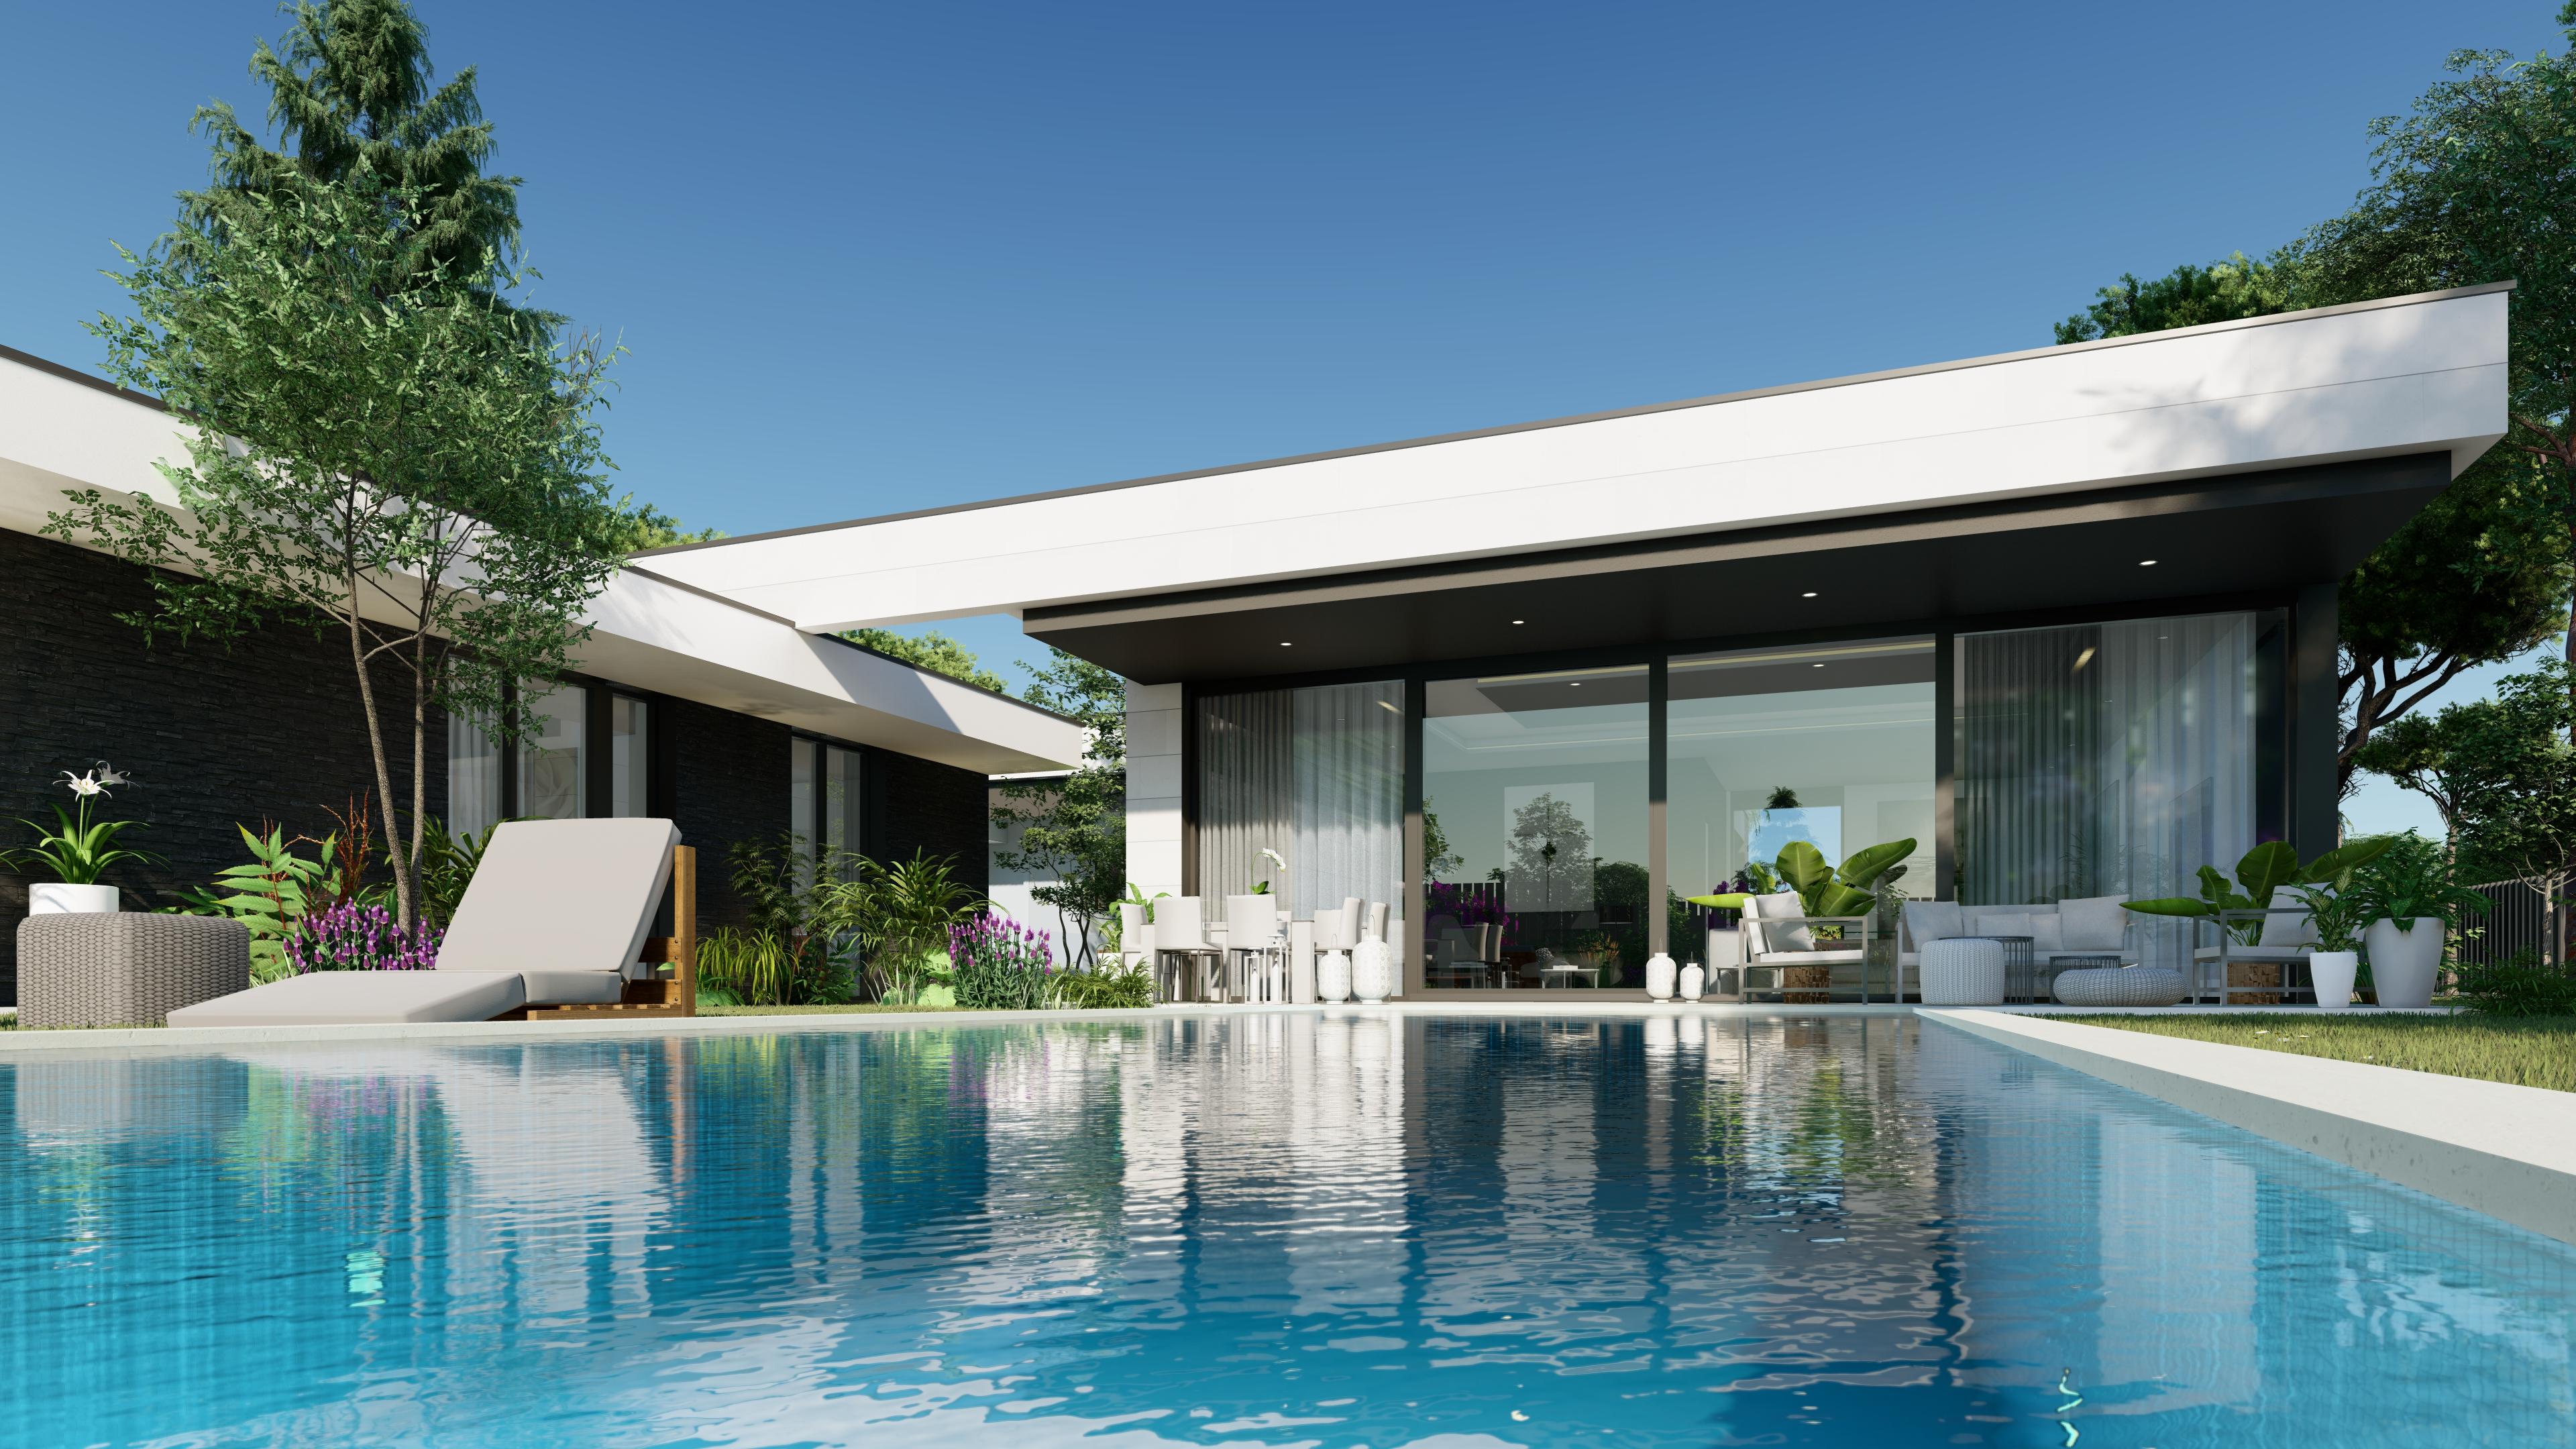 exterior y psicina. QHOMES9 es un proyecto del estudio de arquitectura FH2L Arquitectos. Conformado por 9 viviendas unifamiliares .